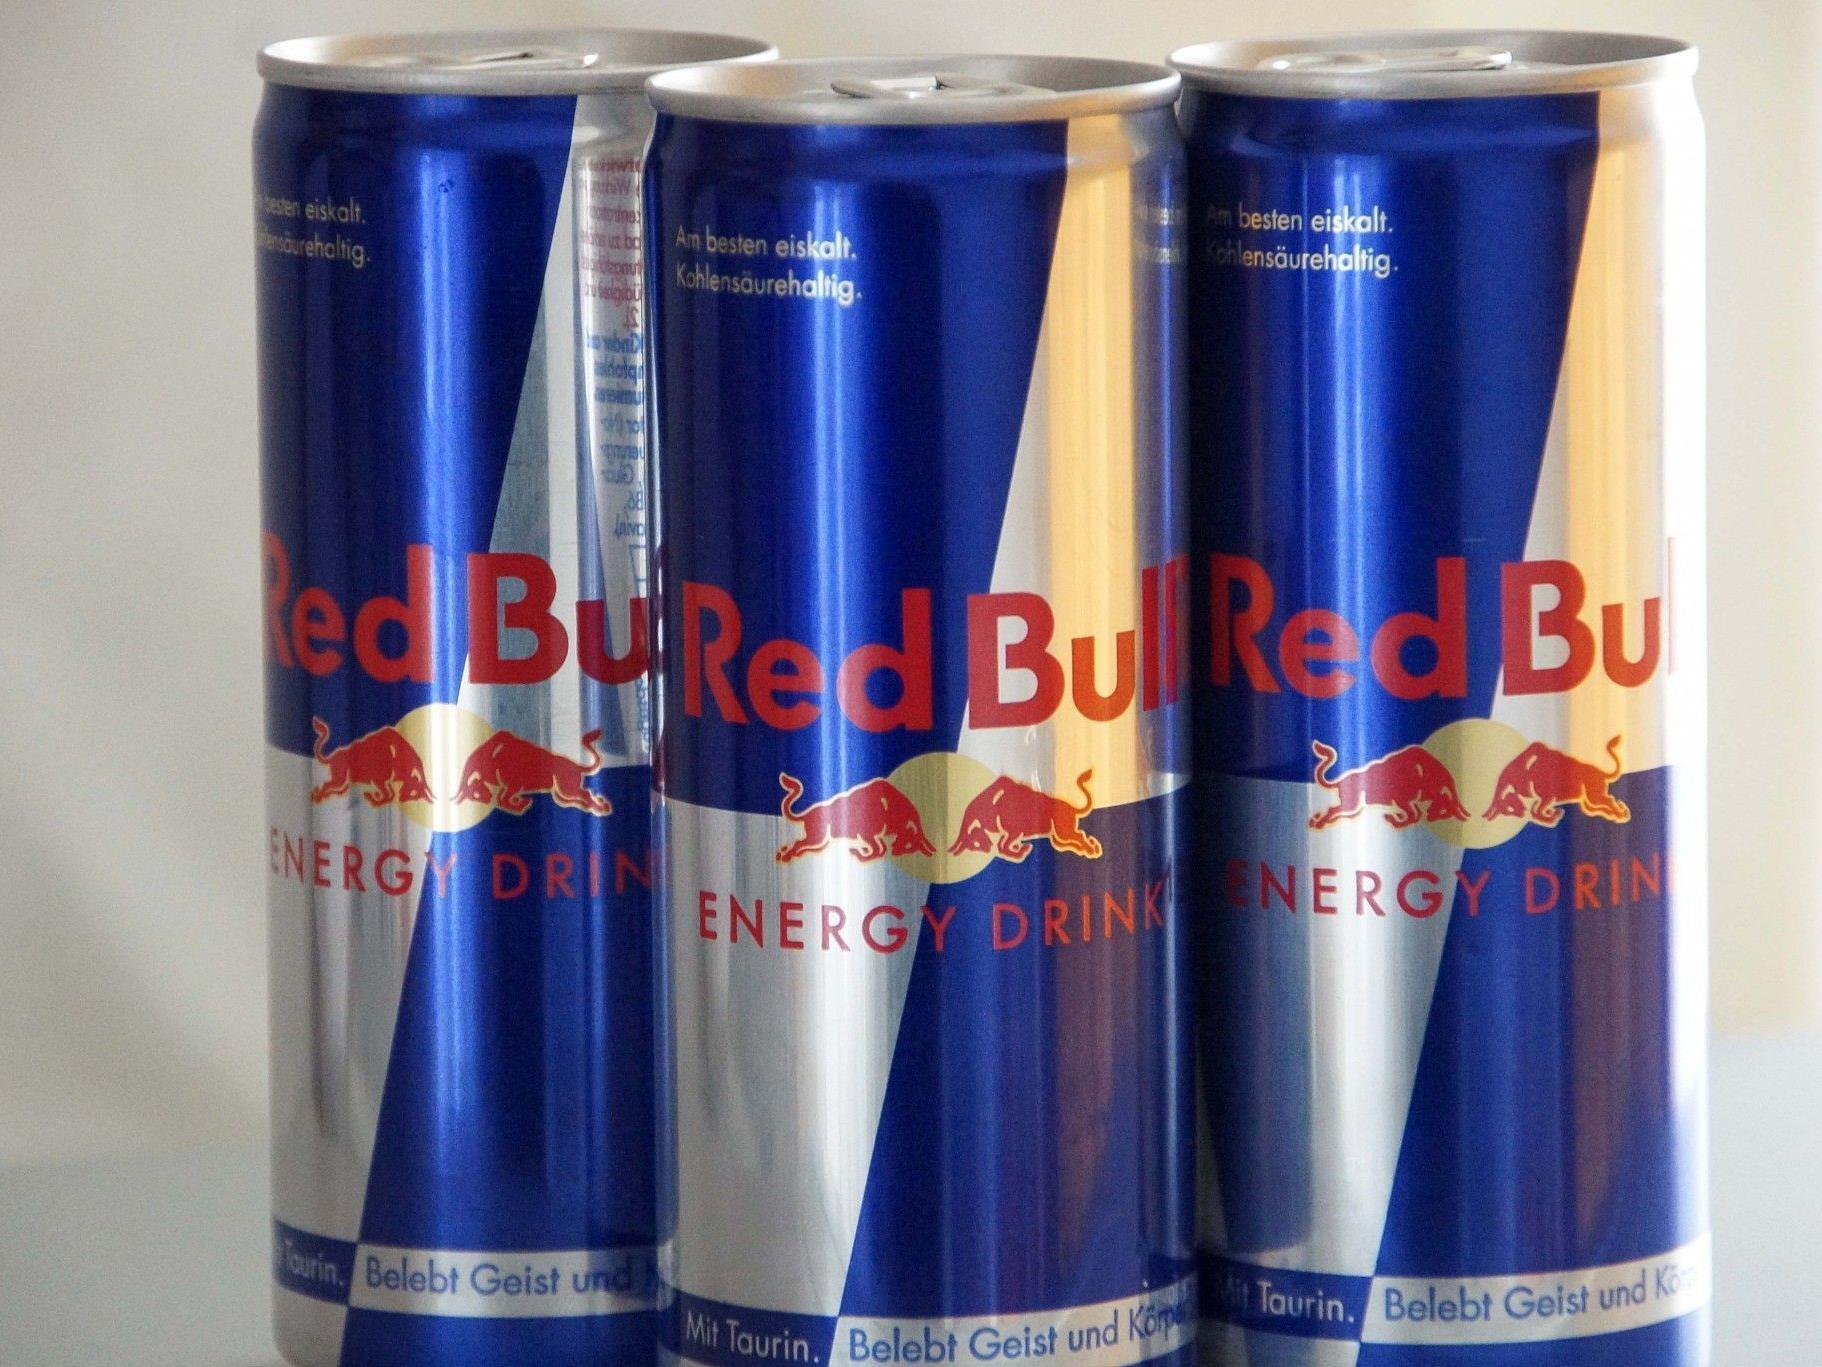 Täglich sieben Millionen Red Bull Dosen verlassen das Rexam Werk zur Befüllung.